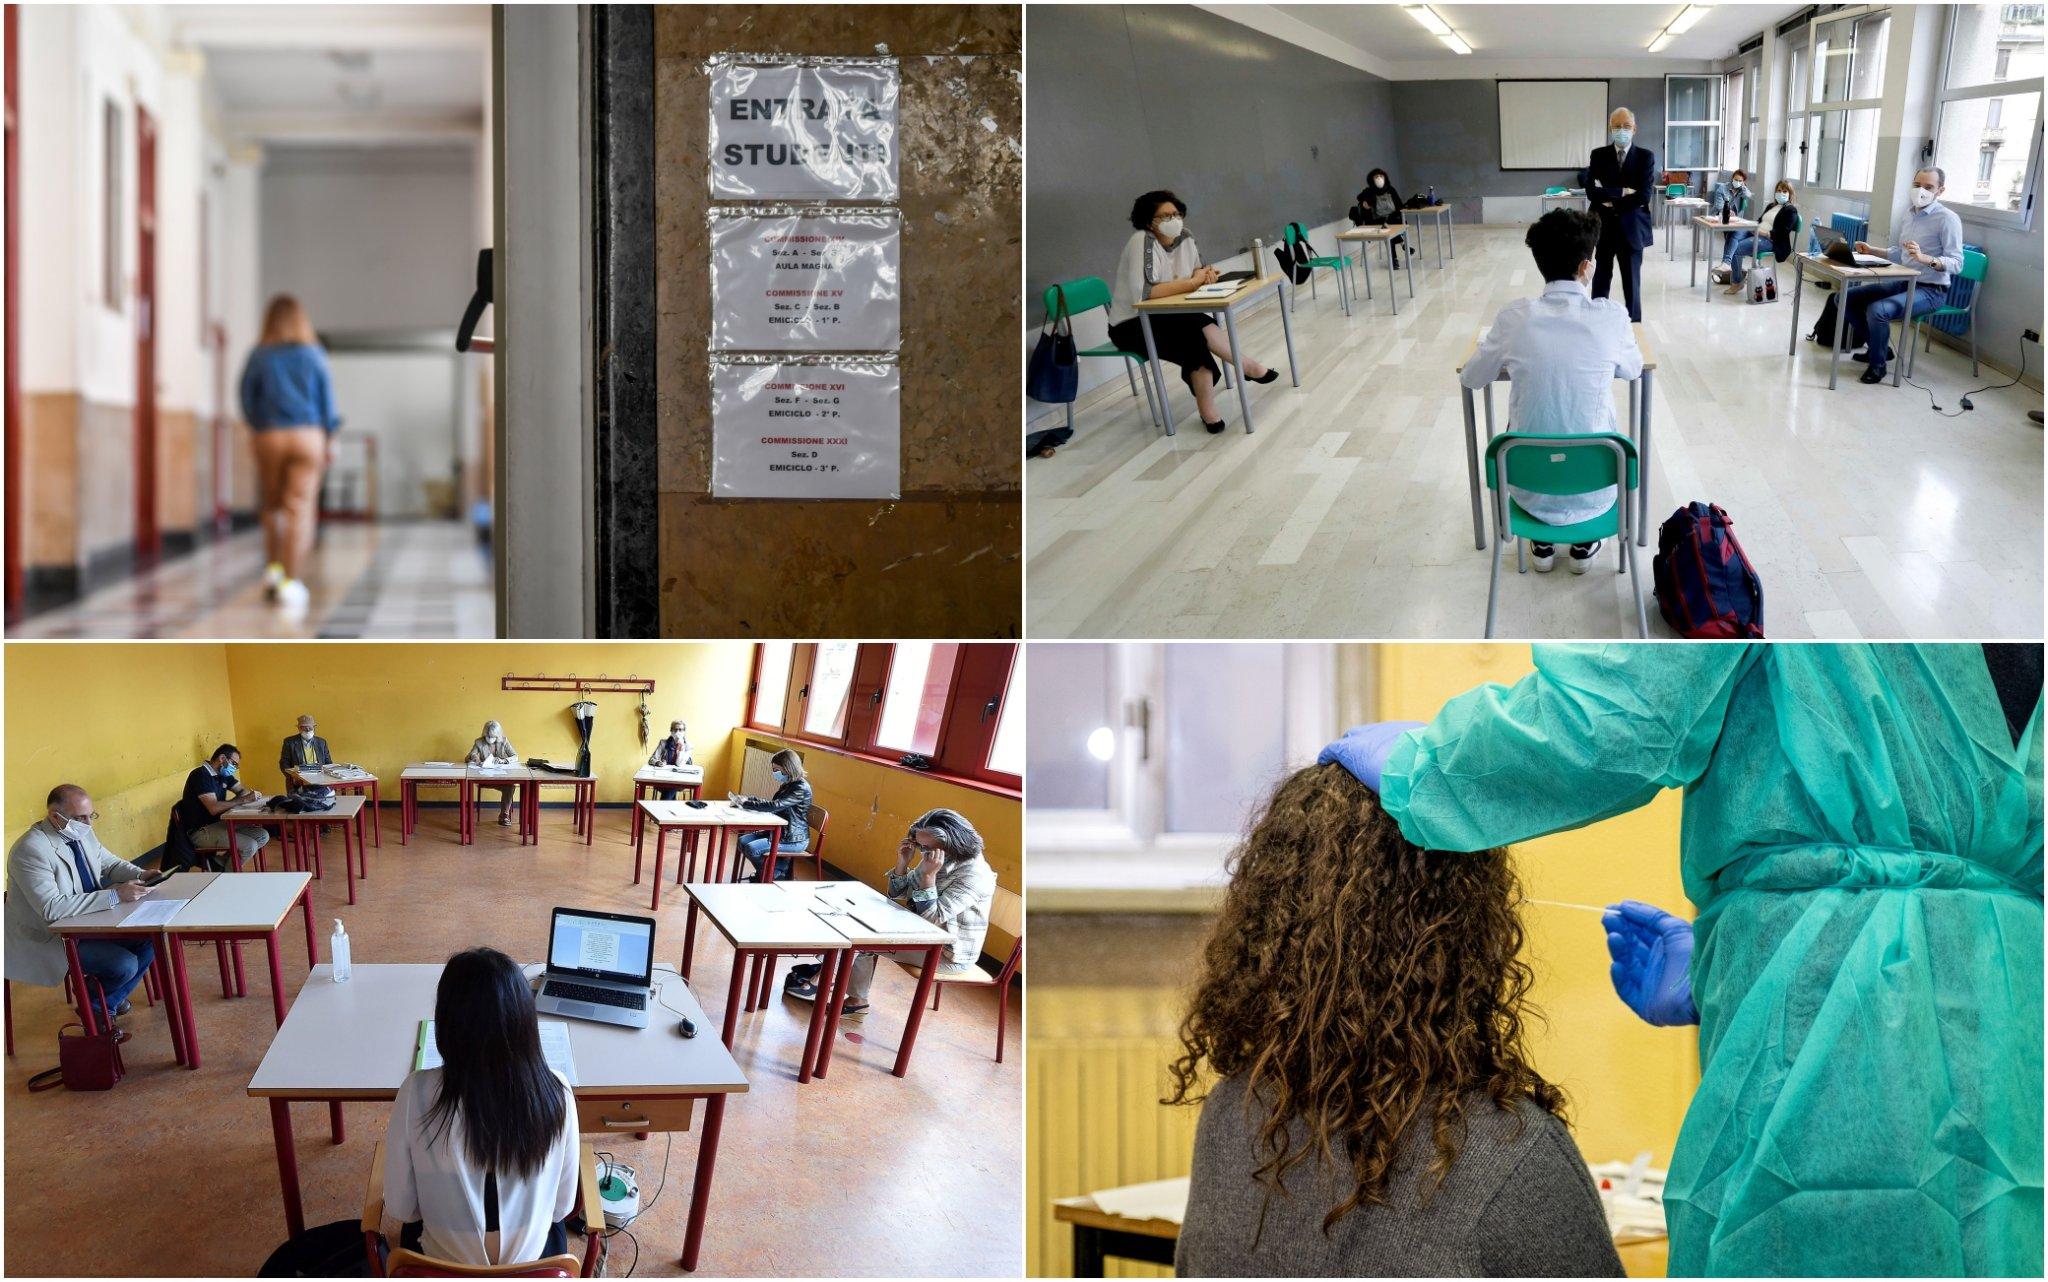 Scuola, dai tamponi ai vaccini: come saranno gli esami di giugno